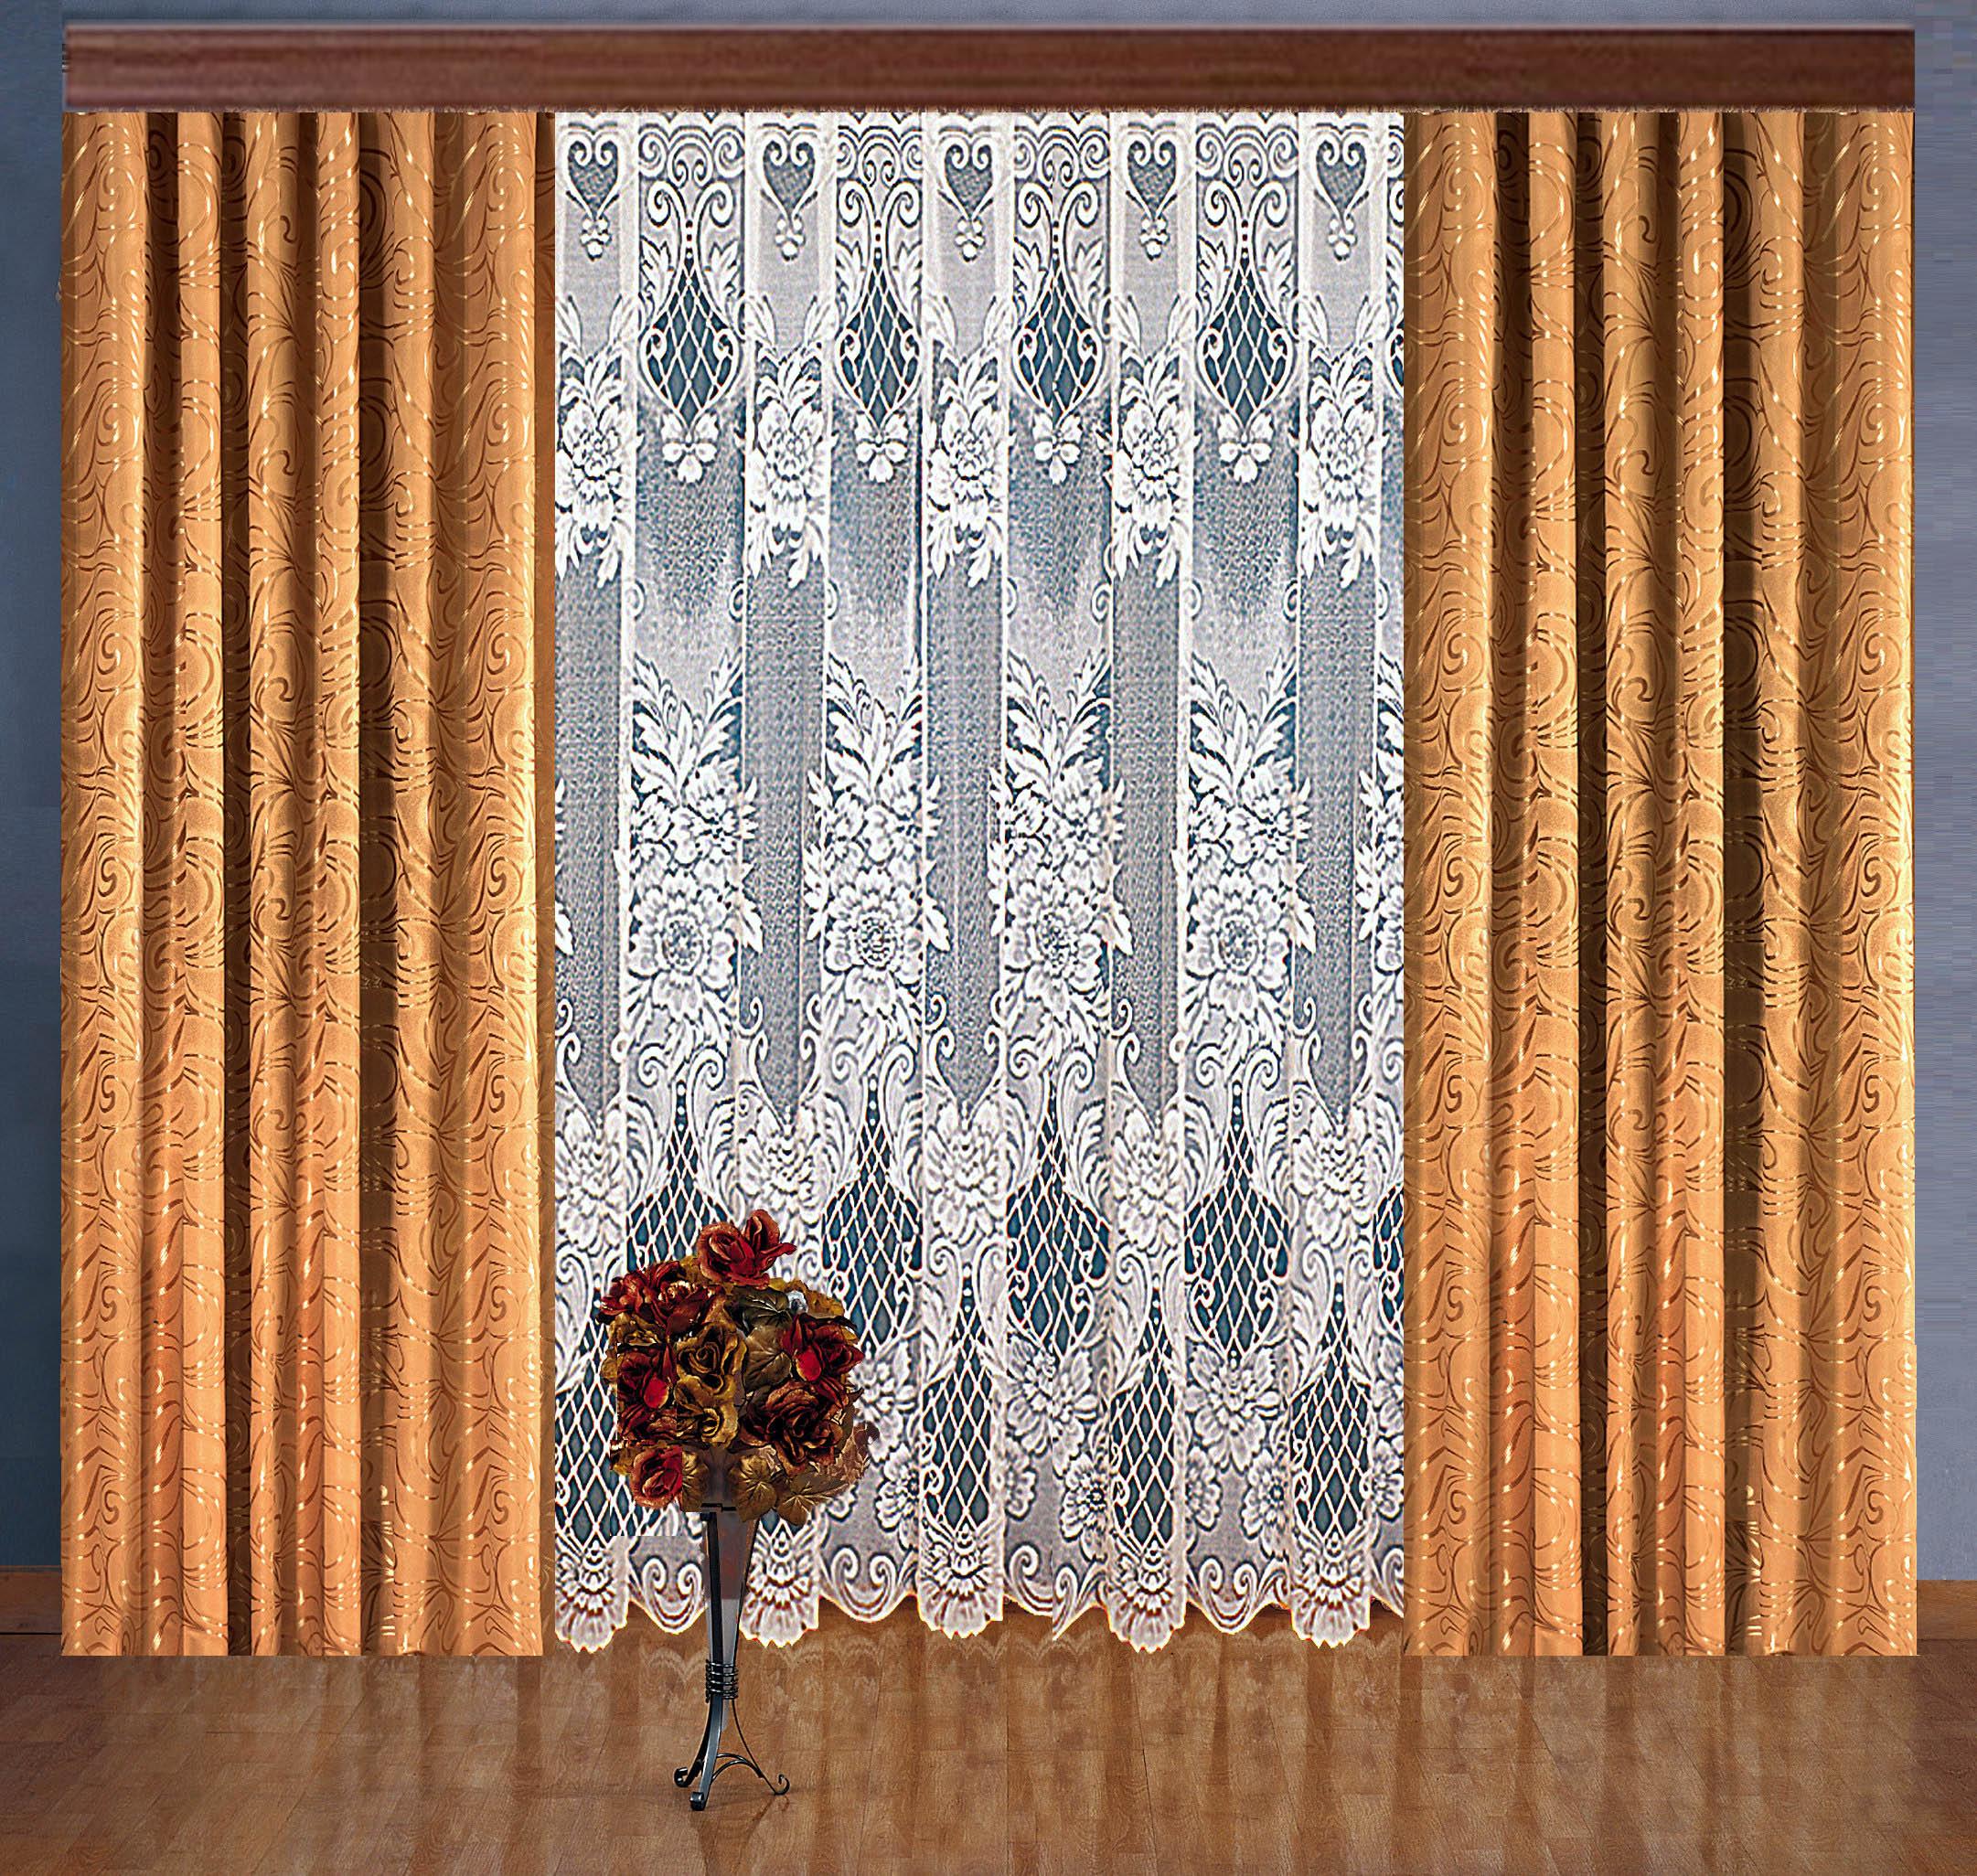 Шторы Elegante Классические шторы Avice Цвет: Бежевый шторы tac классические шторы winx цвет персиковый 200x265 см